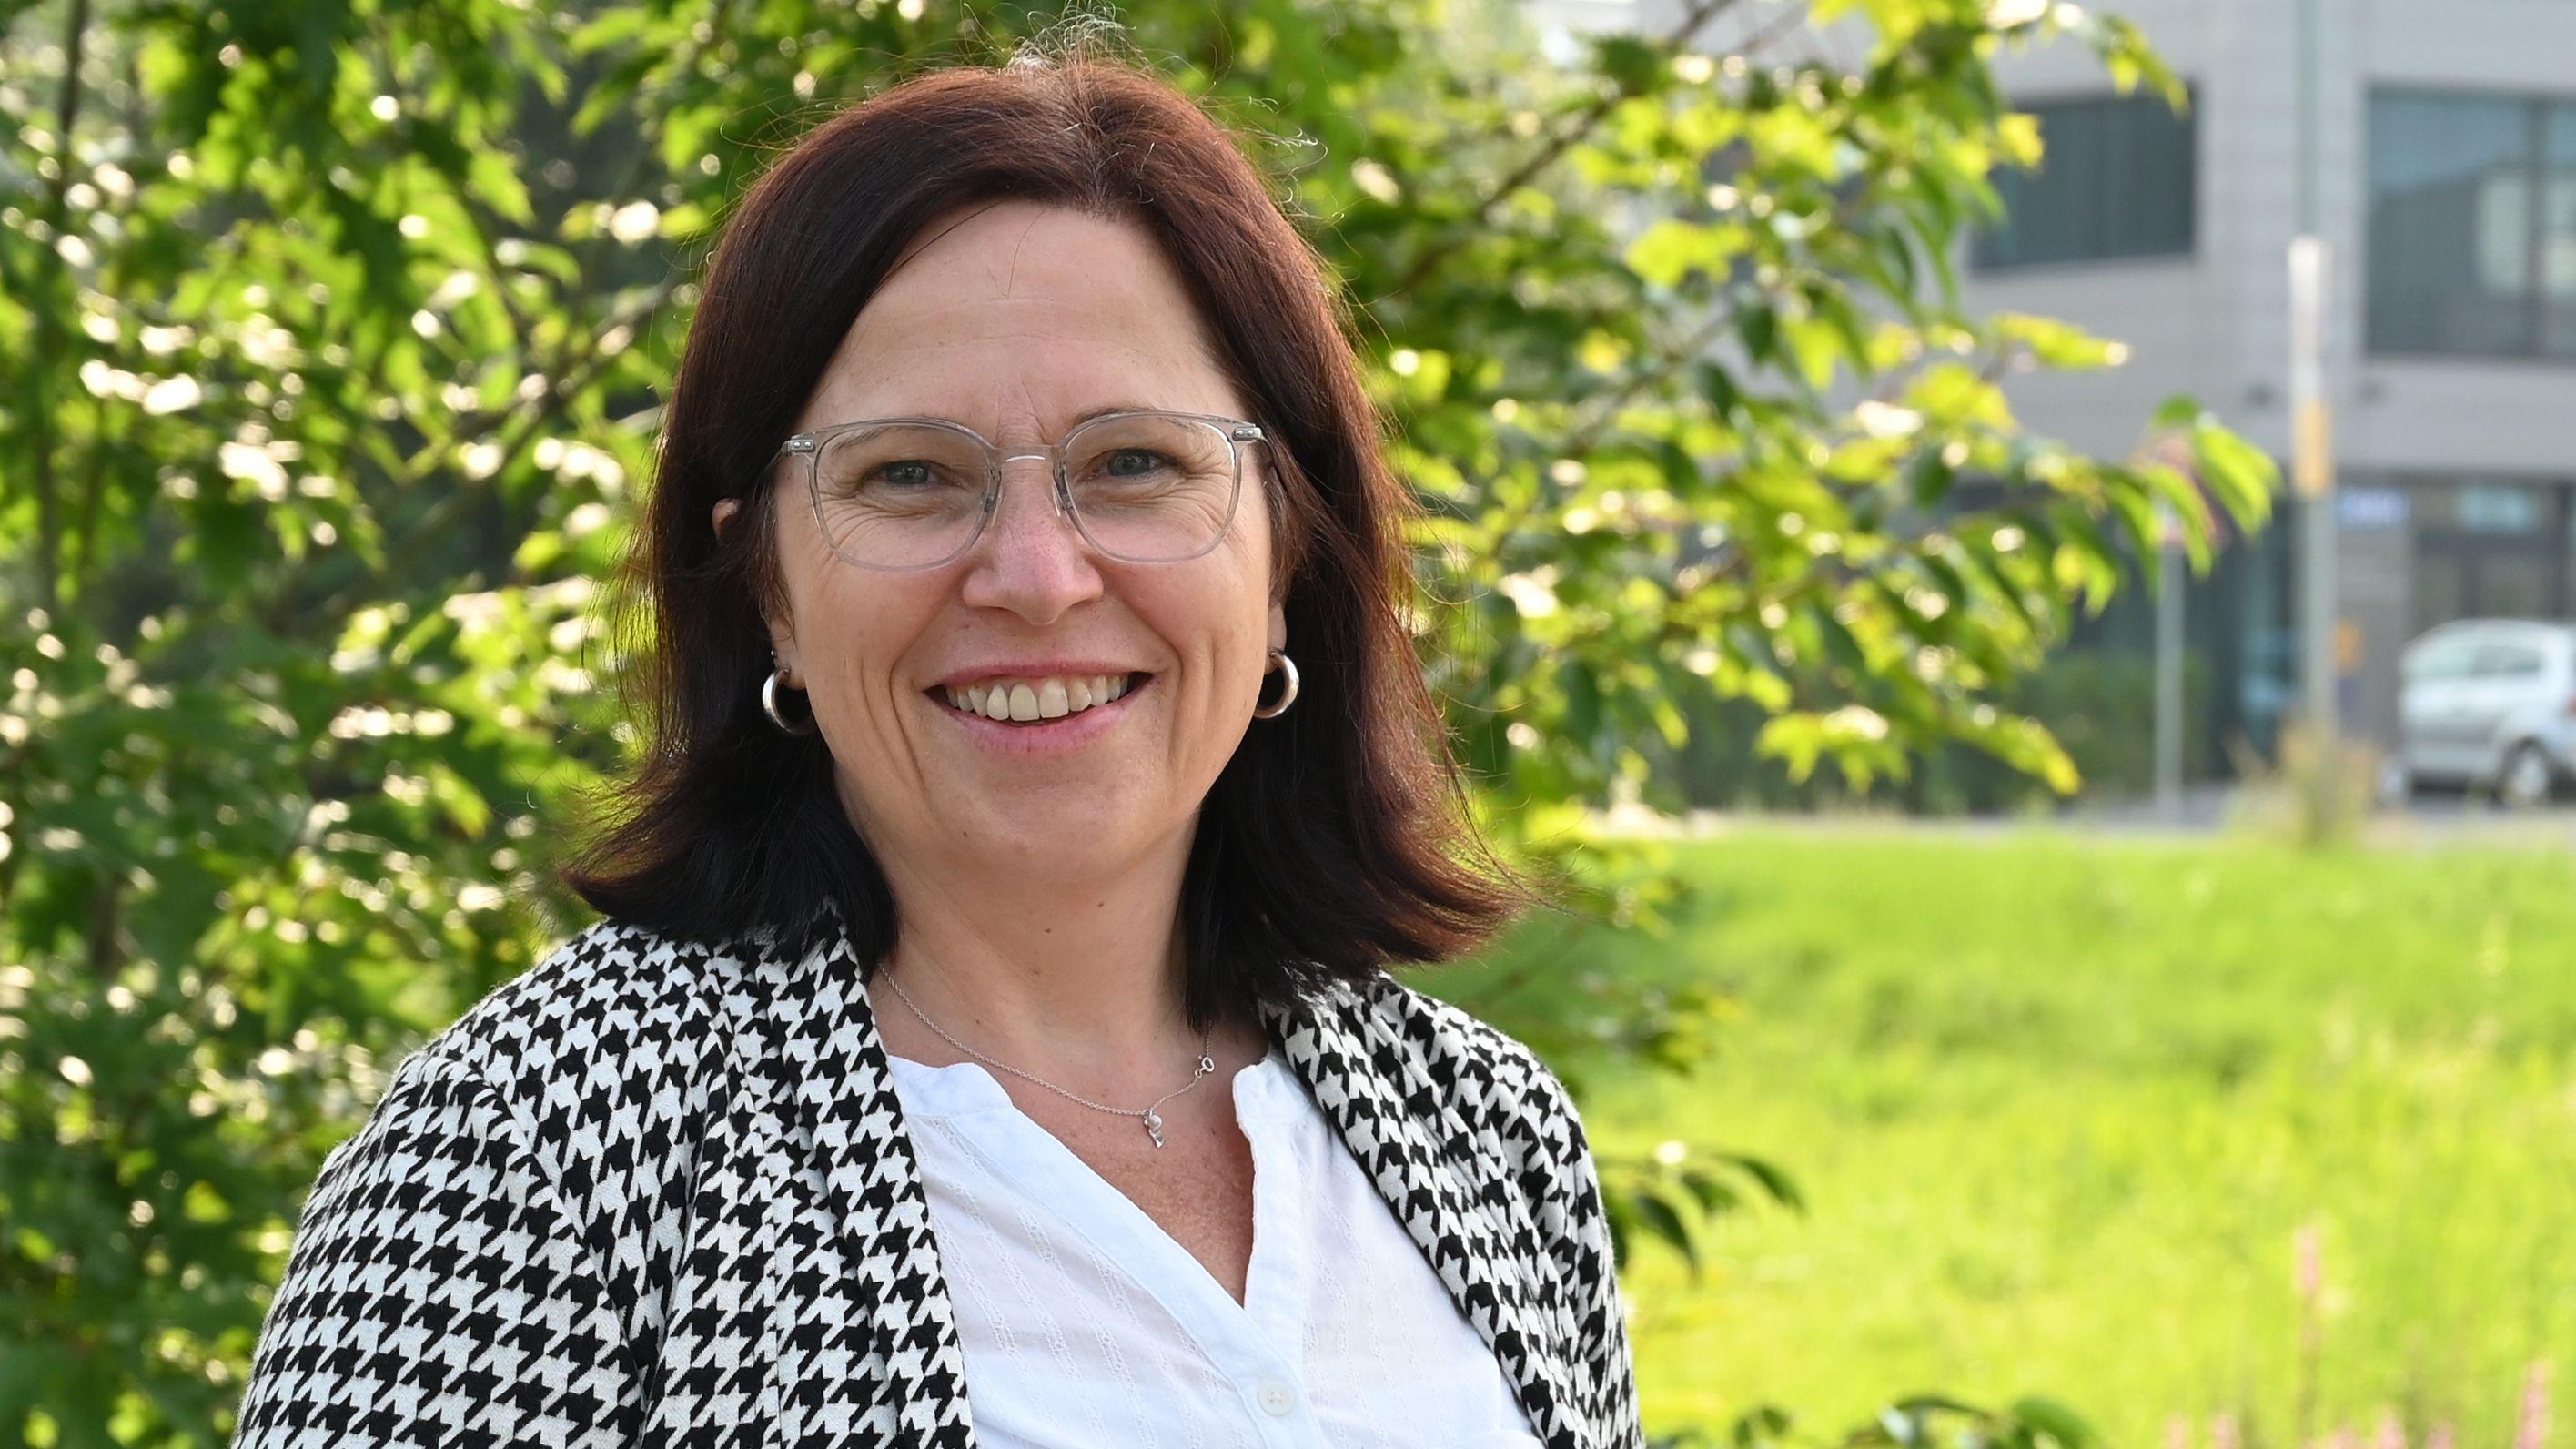 Möchte Bürgermeisterin werden: Christiane Priester. Foto: Hermes